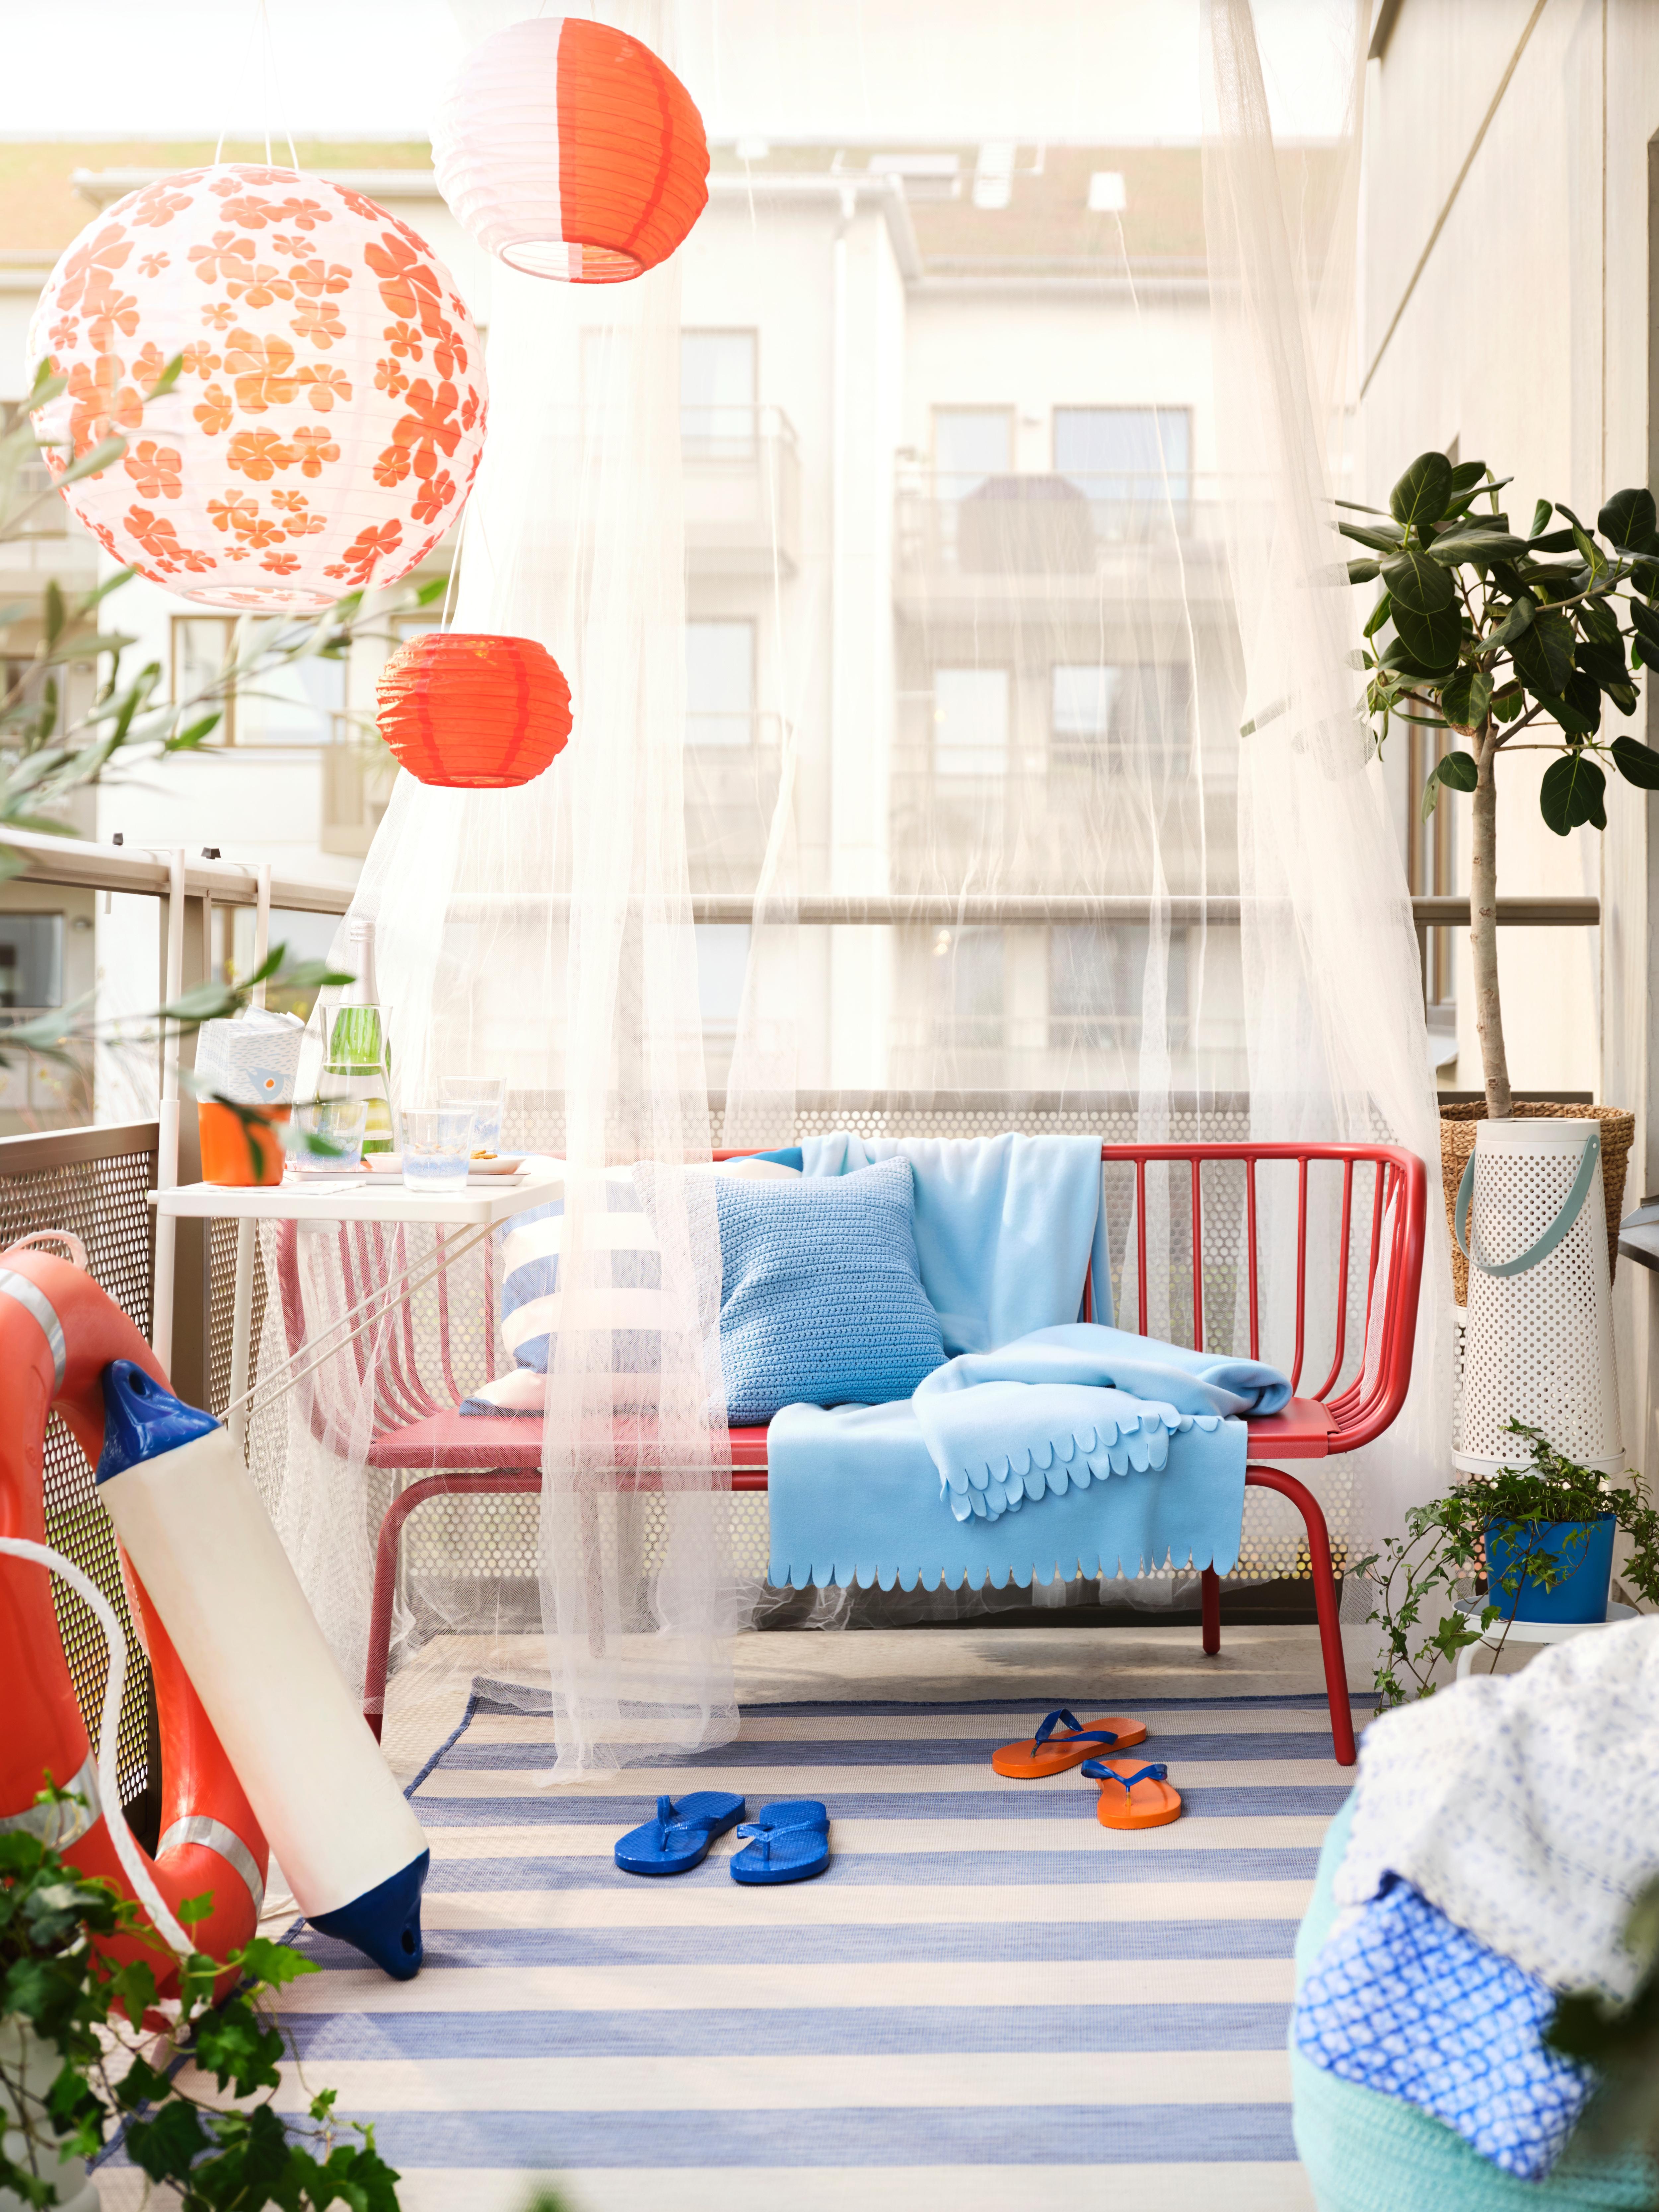 BRUSEN kanpoko sofa gorria, kuxin eta mantak urdin argiekin, SOLVINDEN eguzki LED lanparak eta landareak balkoian.